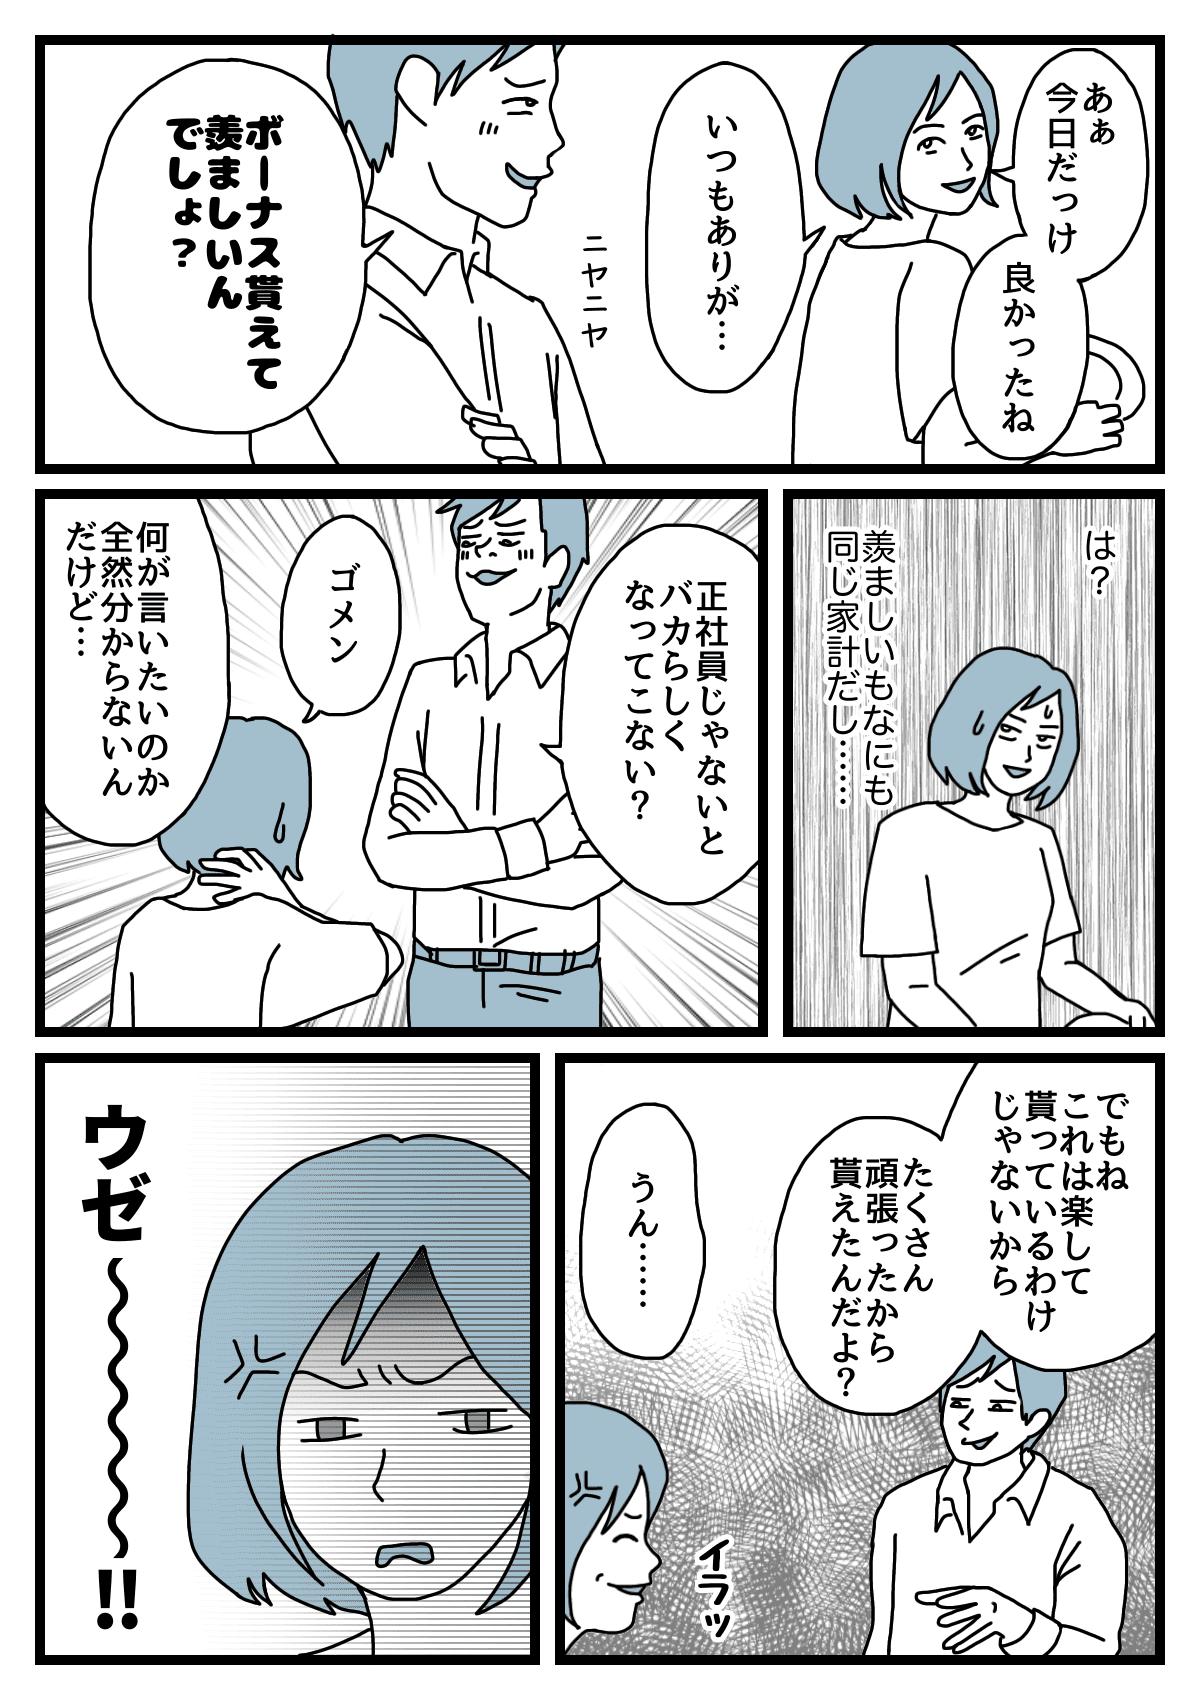 ボーナス2